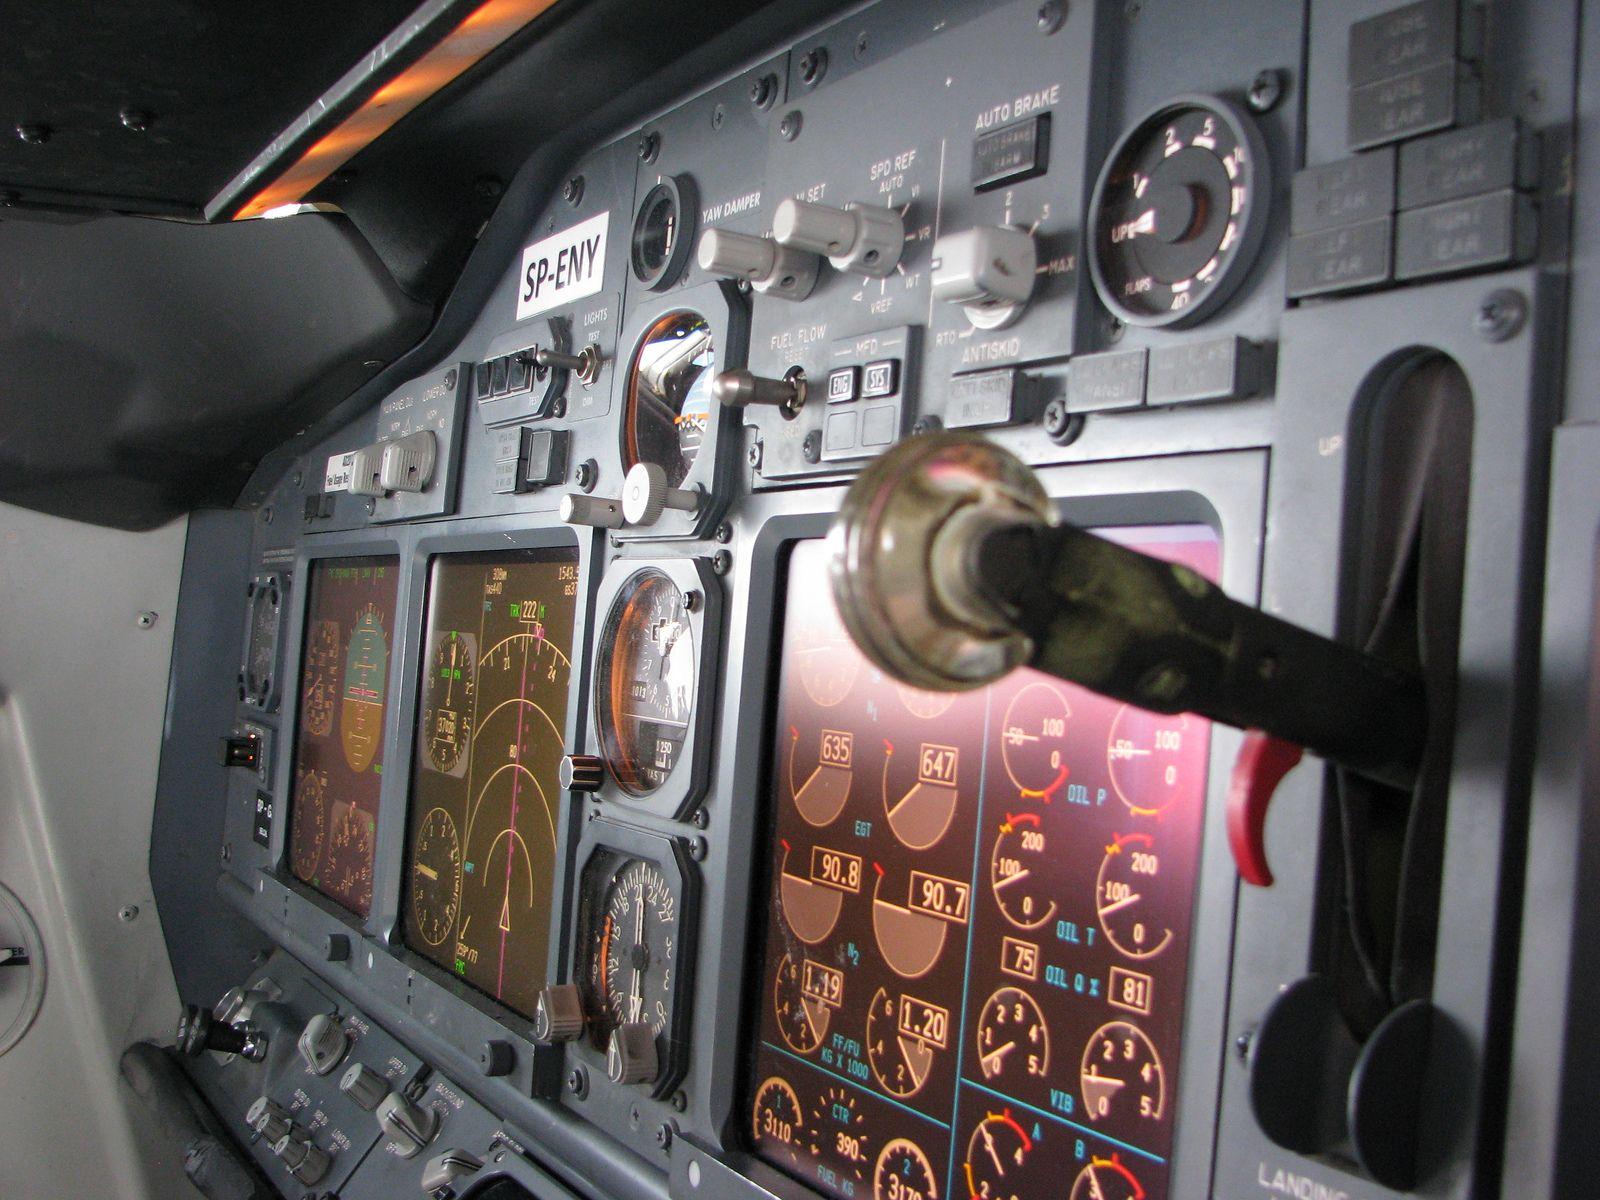 B737NG      Flying!   Air travel, Alaska airlines, Aviation